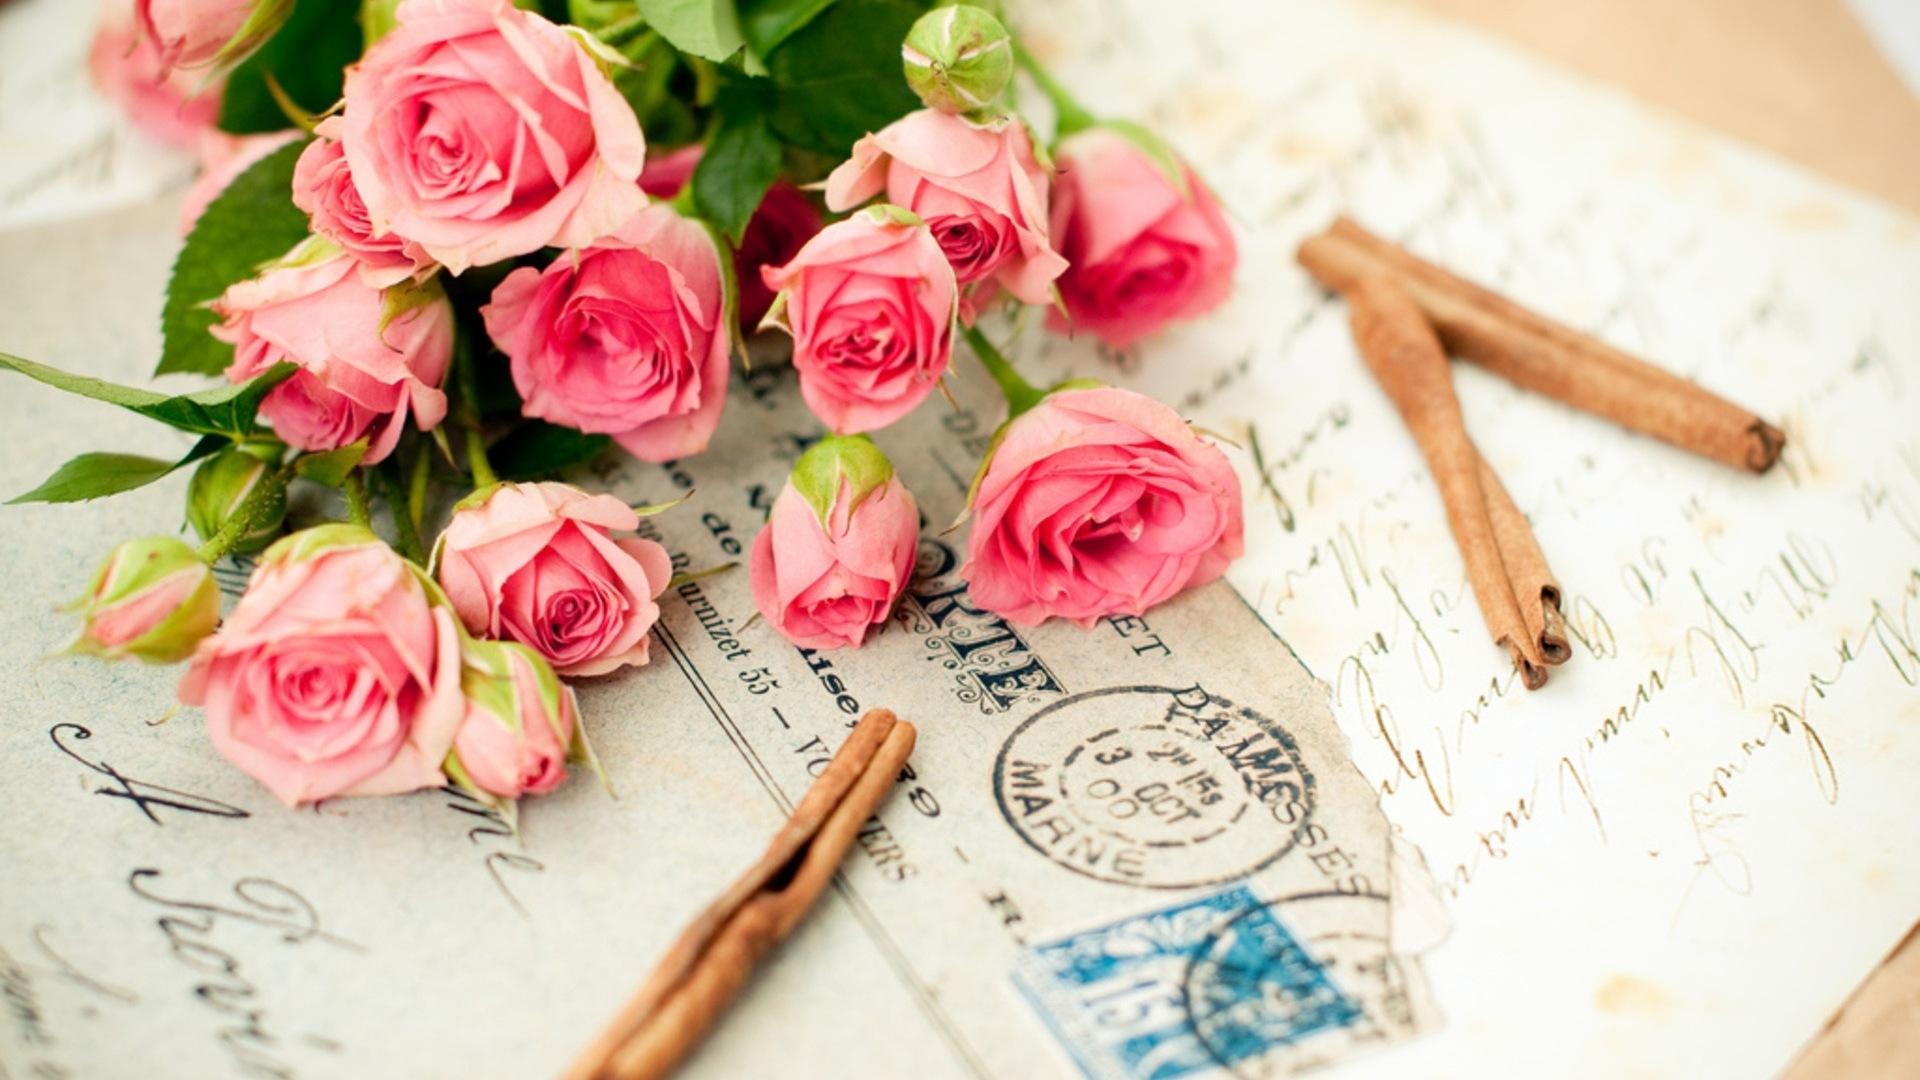 鮮やかな色 美しい花のhdの壁紙 1 19x1080 壁紙ダウンロード 鮮やかな色 美しい花のhdの壁紙 工場 壁紙 V3の壁紙